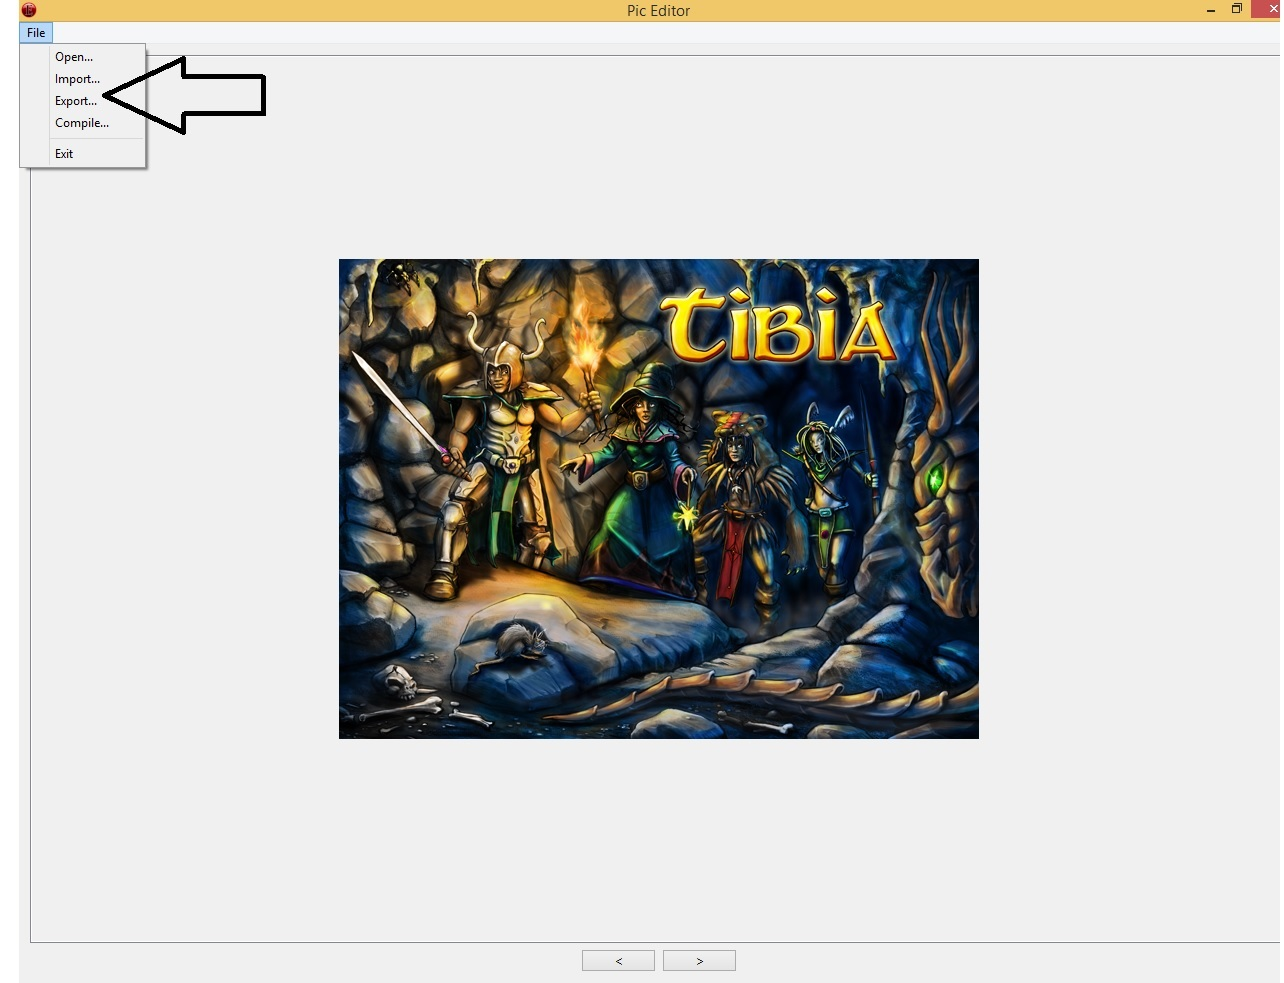 [Utilidad] Tibia pic editor Alls Versiones Captur20